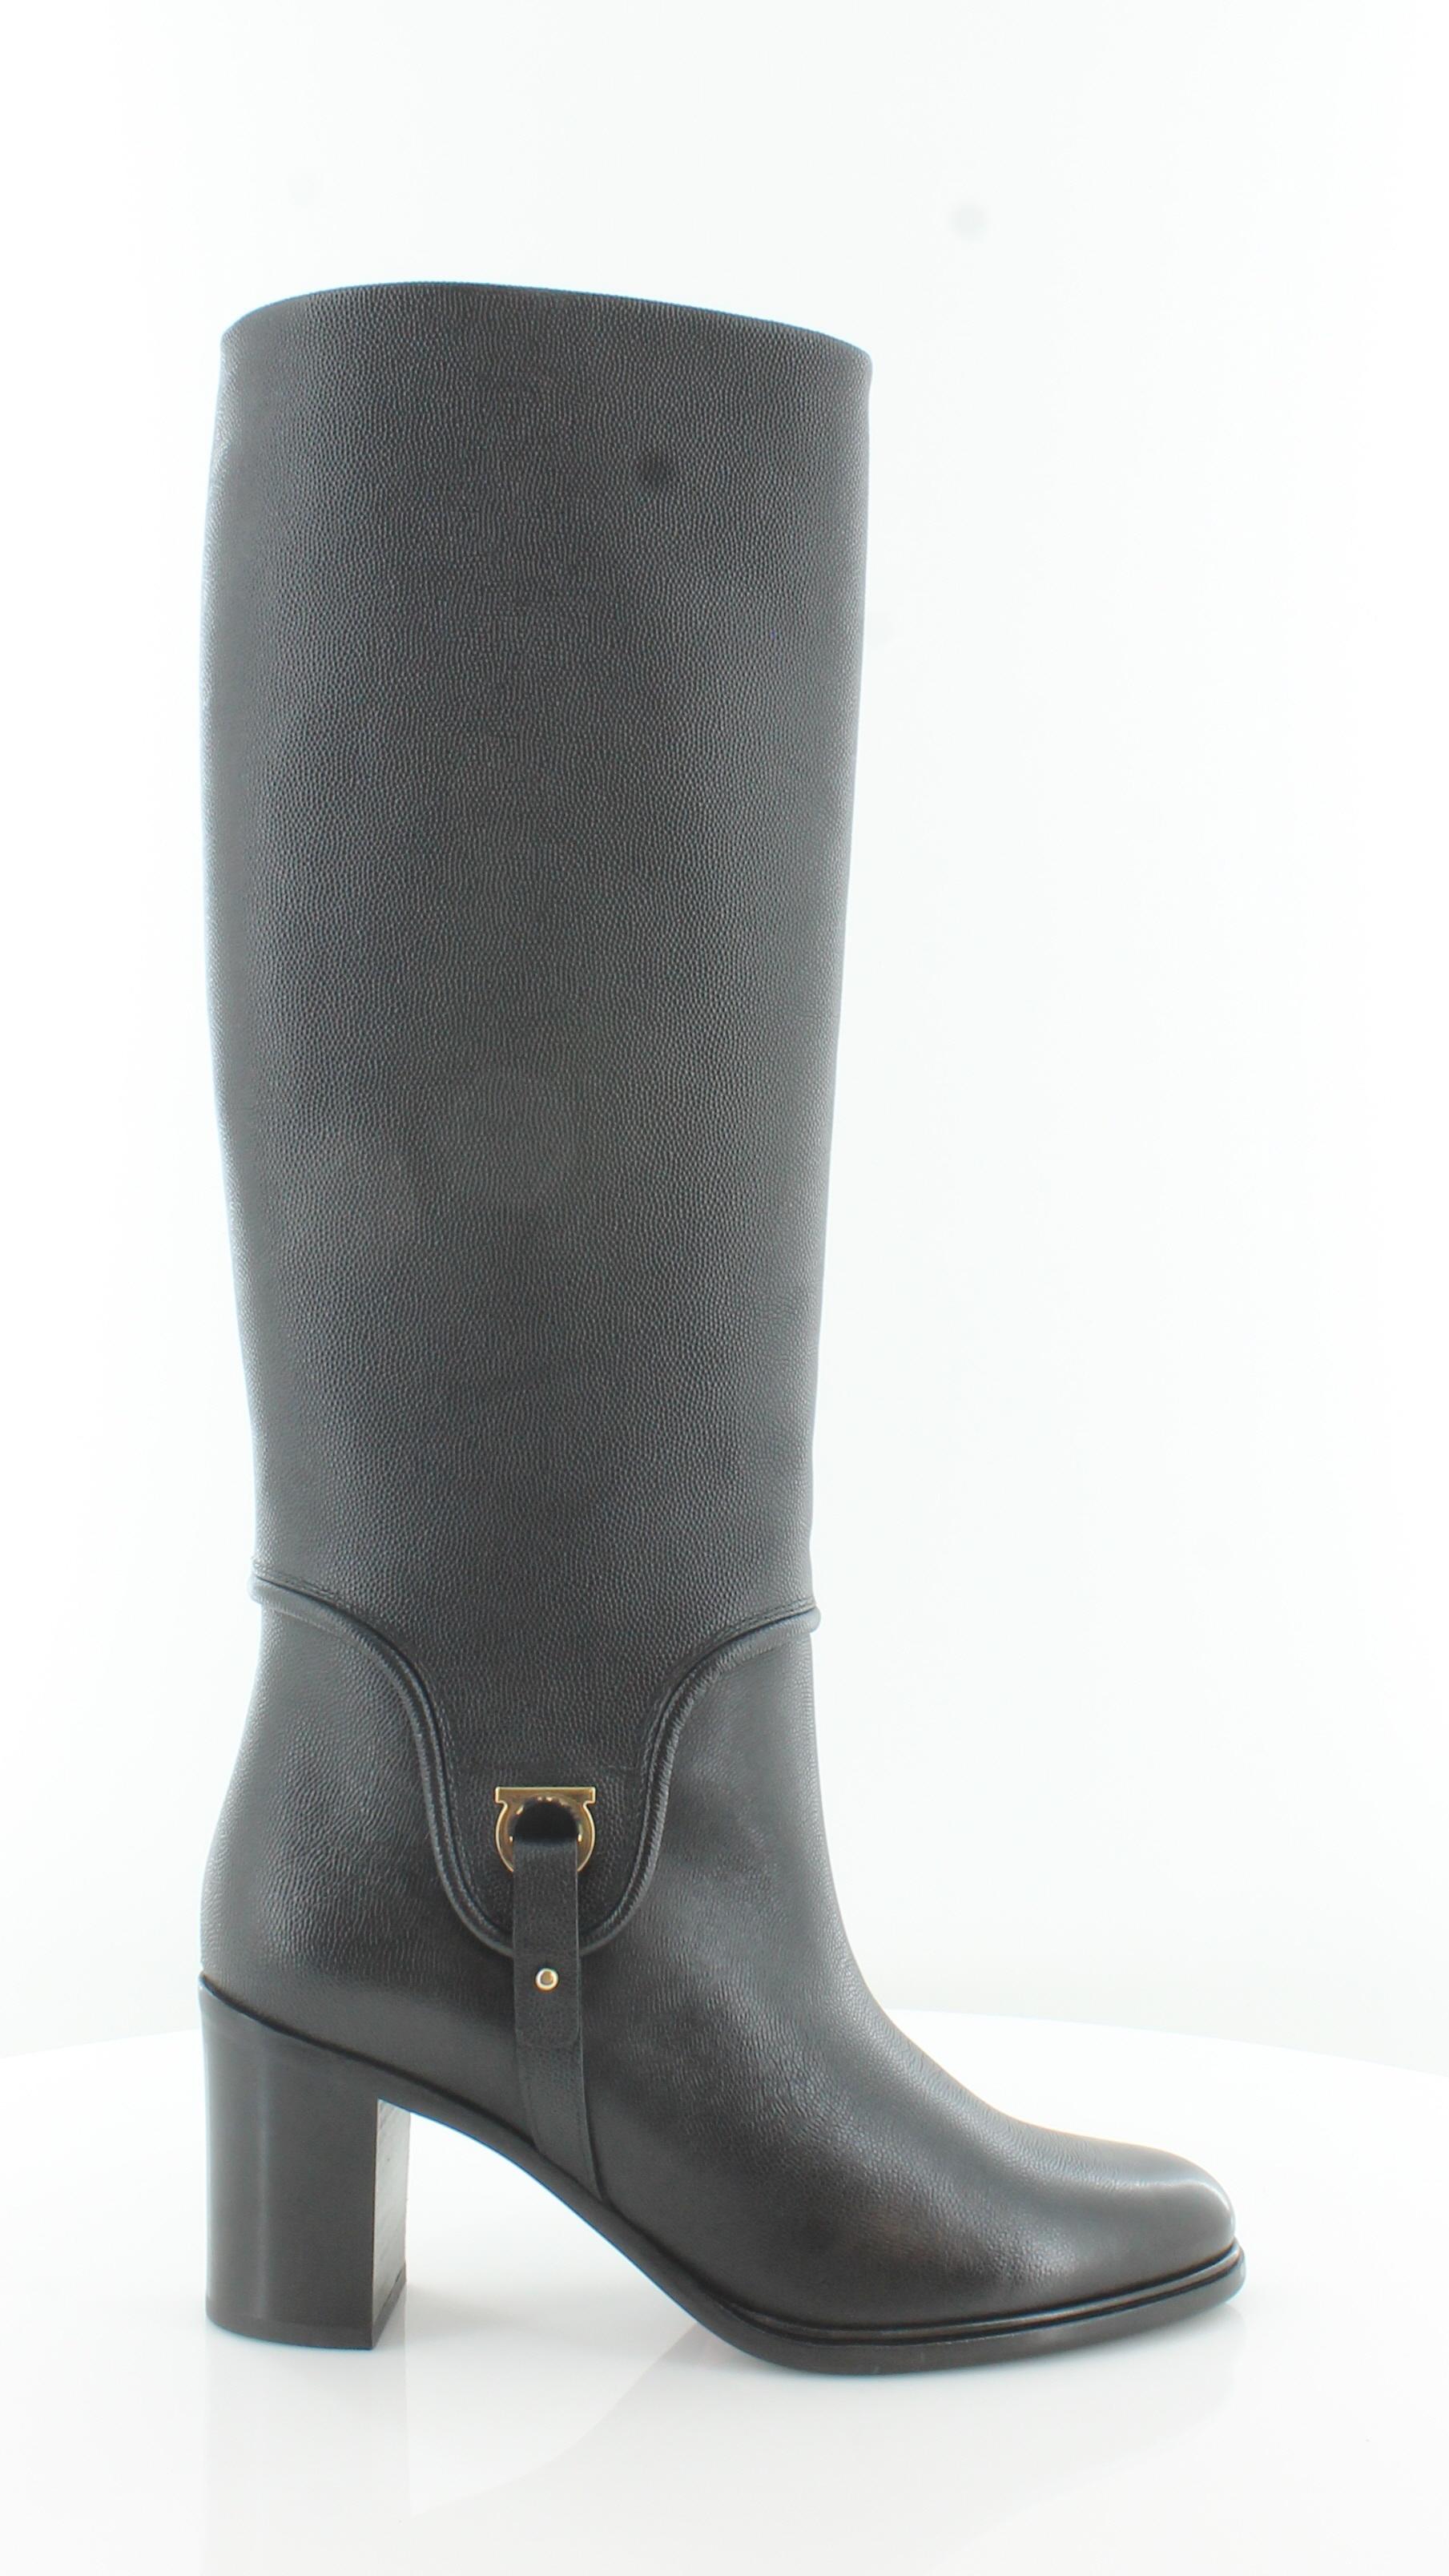 Salvatore Ferragamo Flavius Black Womens shoes Size 8 M Boots MSRP  1150